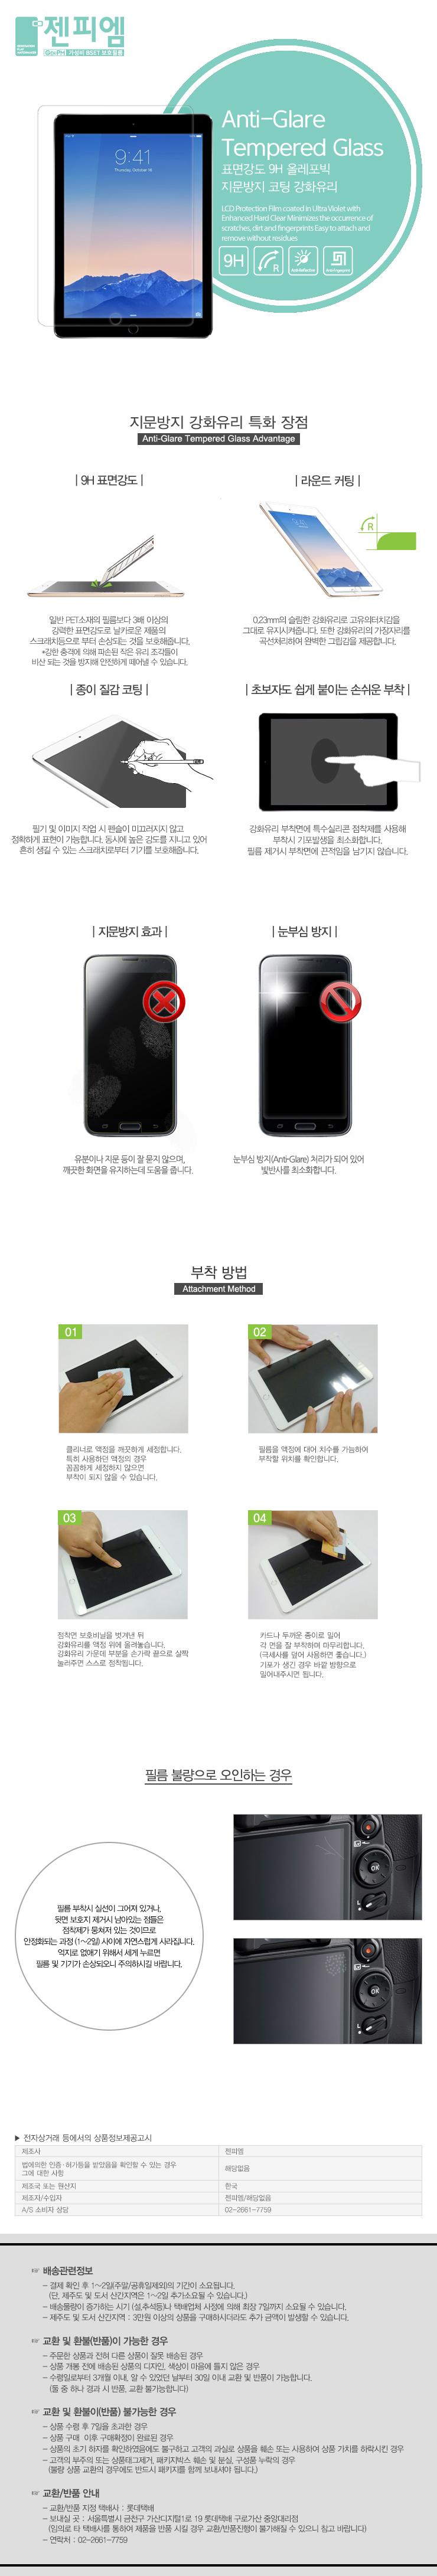 삼성 갤럭시 탭S5e 종이질감 지문방지 강화유리필름 - 젠피엠, 13,900원, 태블릿PC, 25.4cm 이상